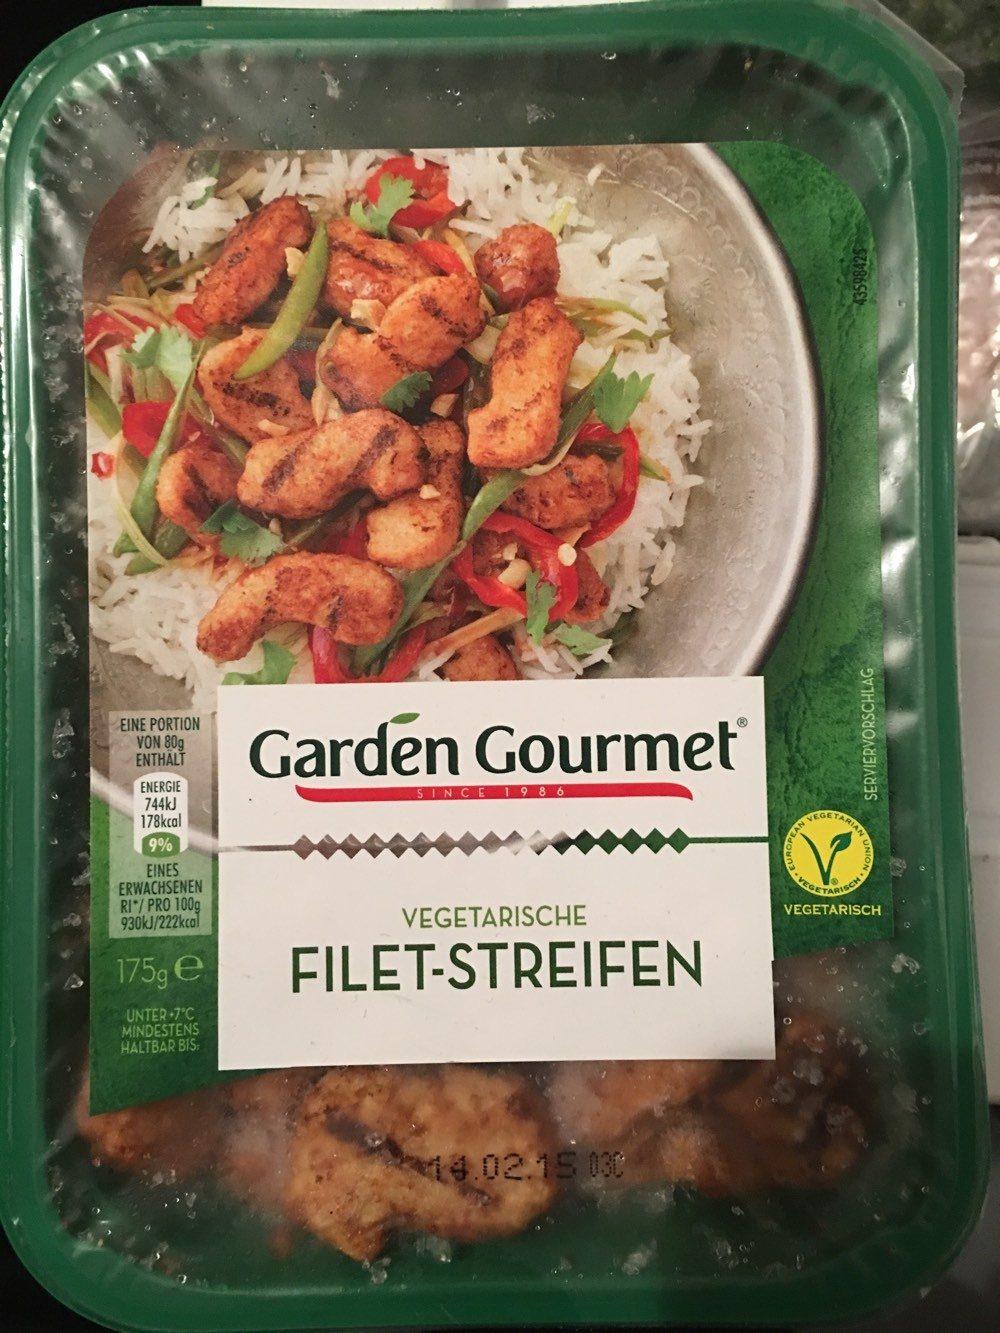 Vegetarische Filet-Streifen - Produkt